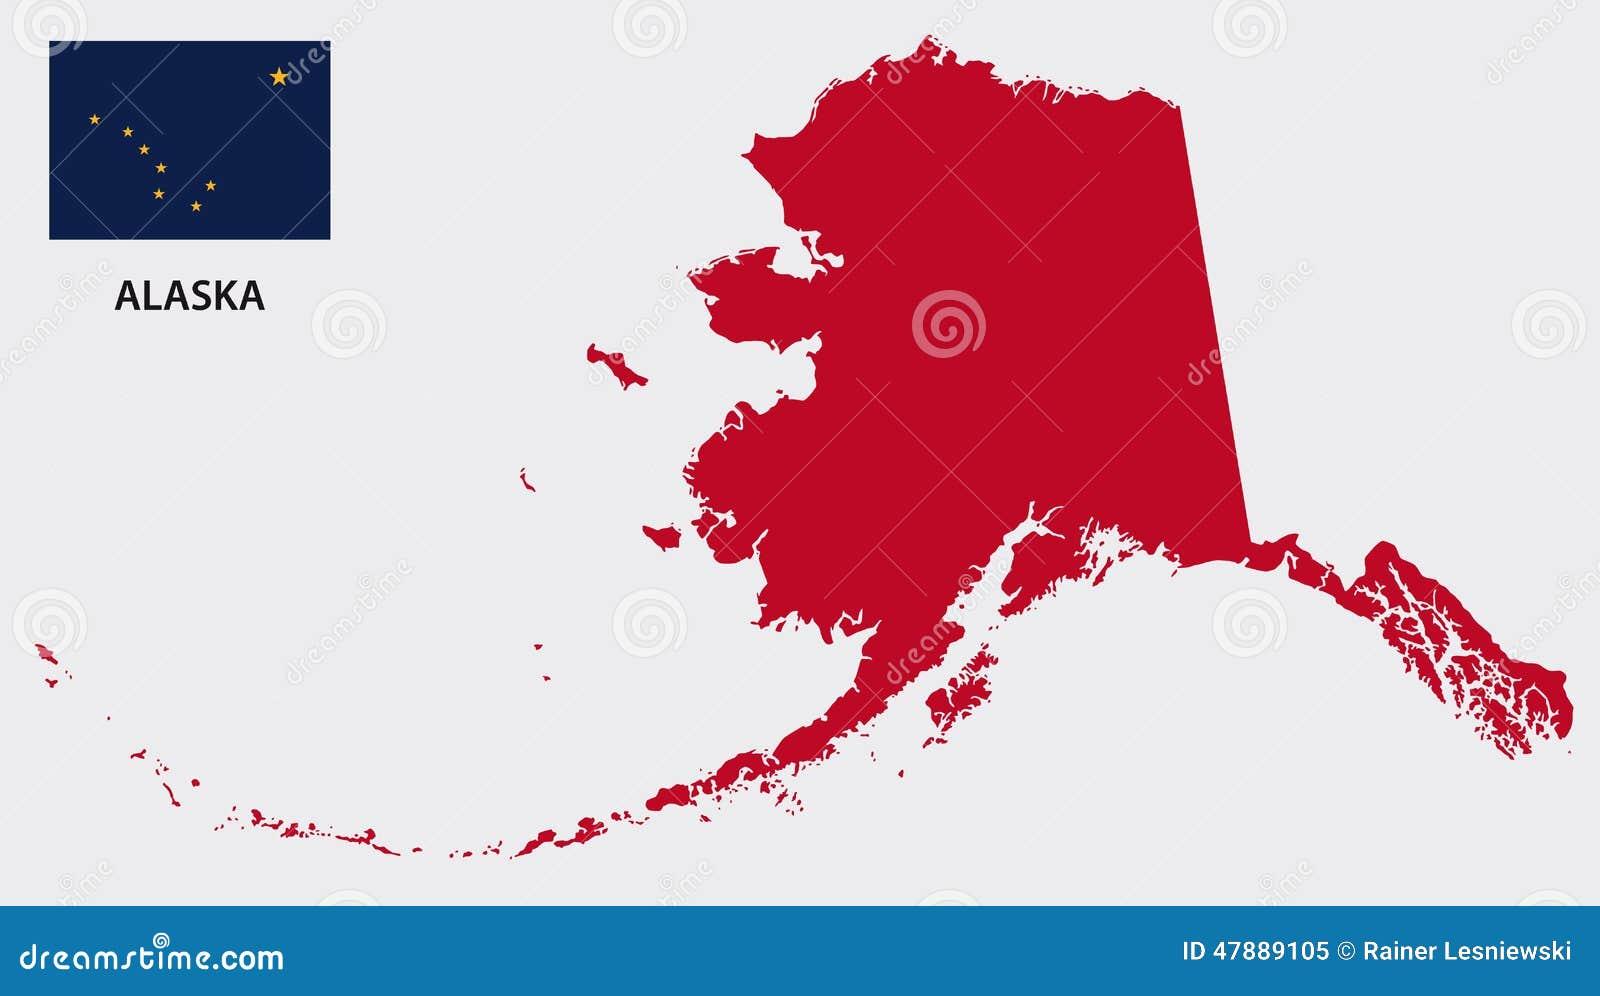 Alaska statehood date in Melbourne